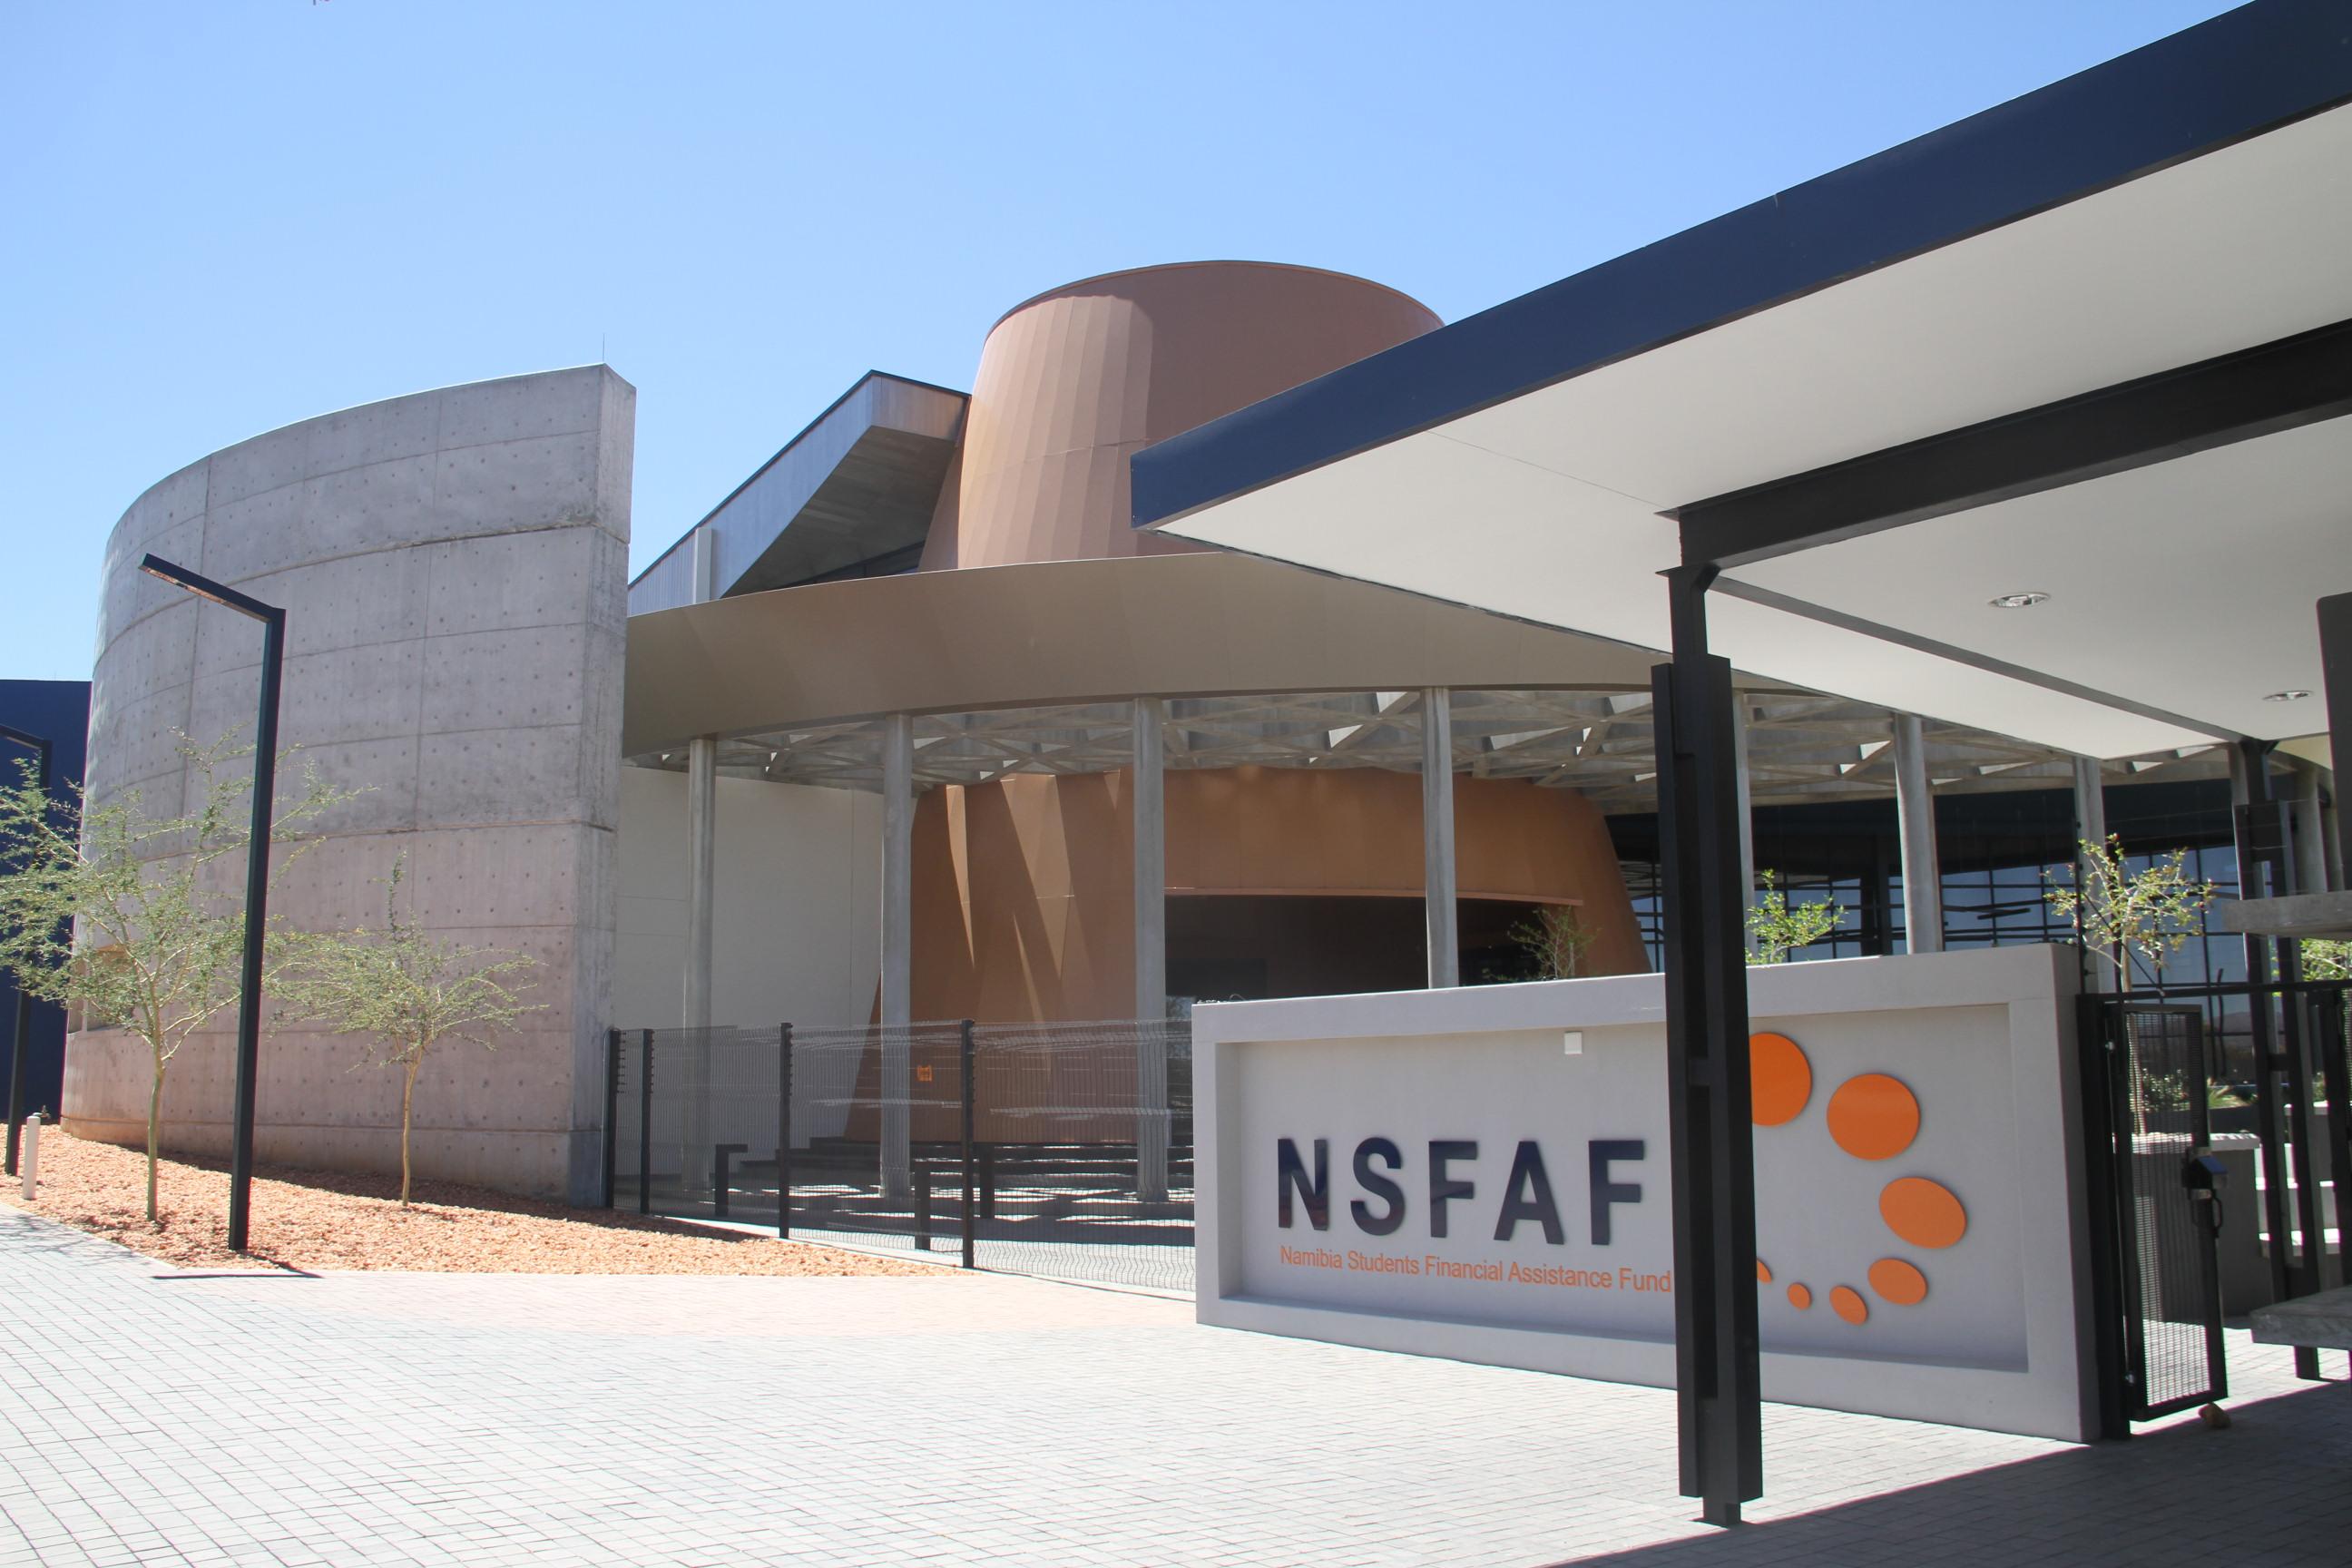 NSFAF loans 'not free money'